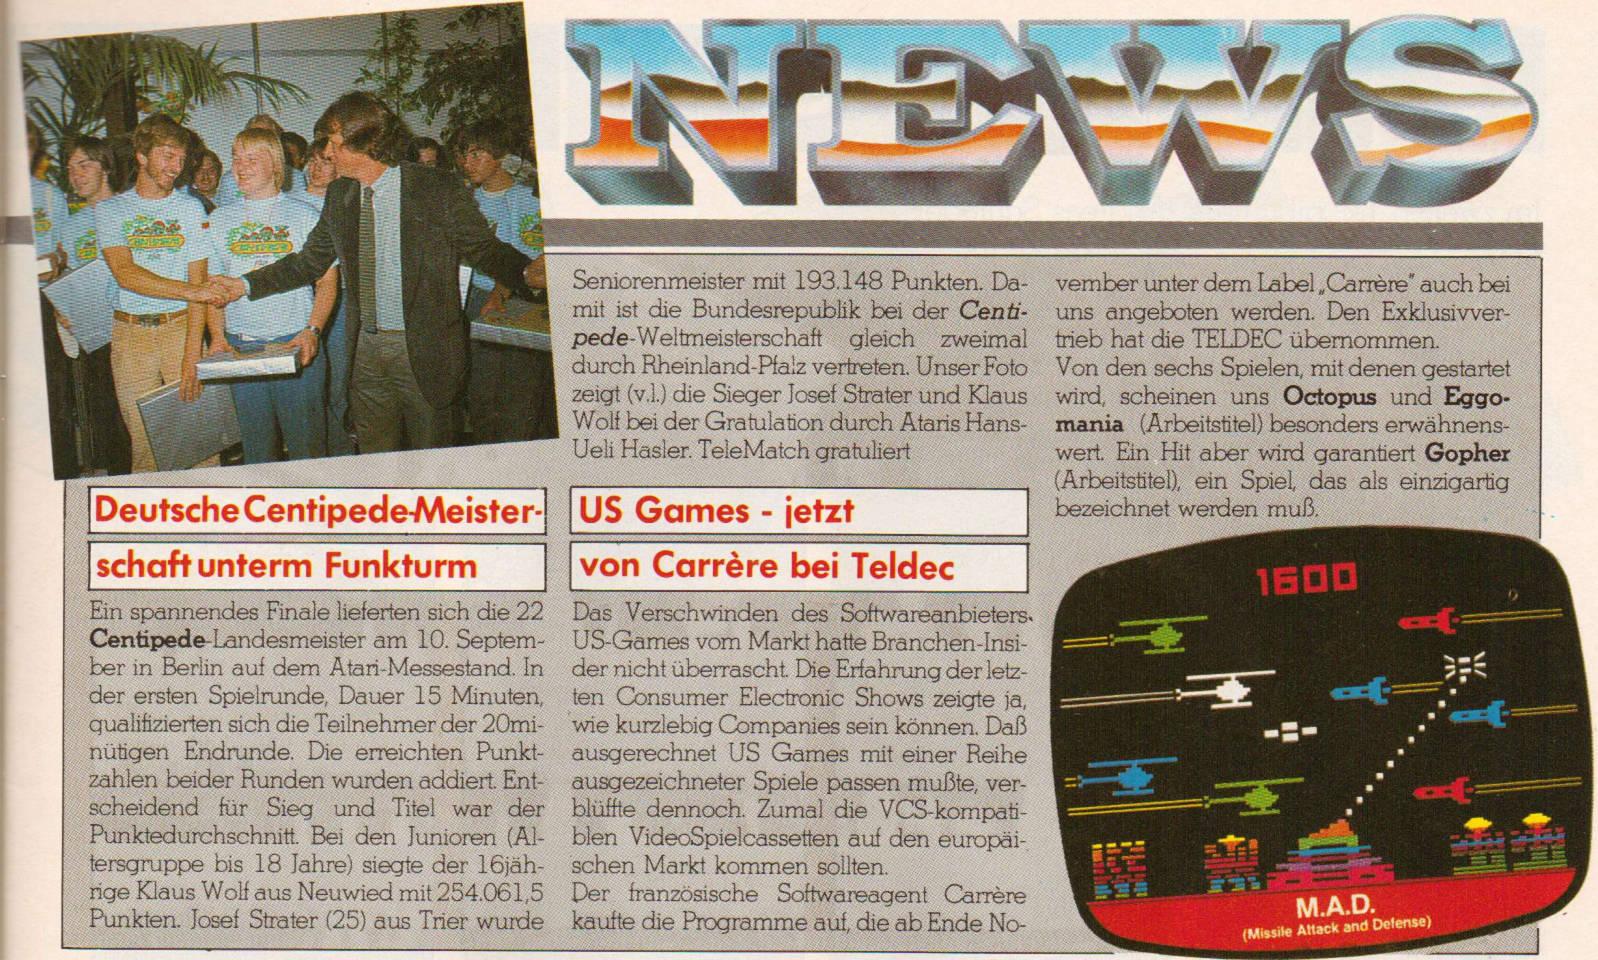 Ein News-Beitrag aus der Telematch zur Centipede-Meisterschaft (Bild: Marshall Cavendish)